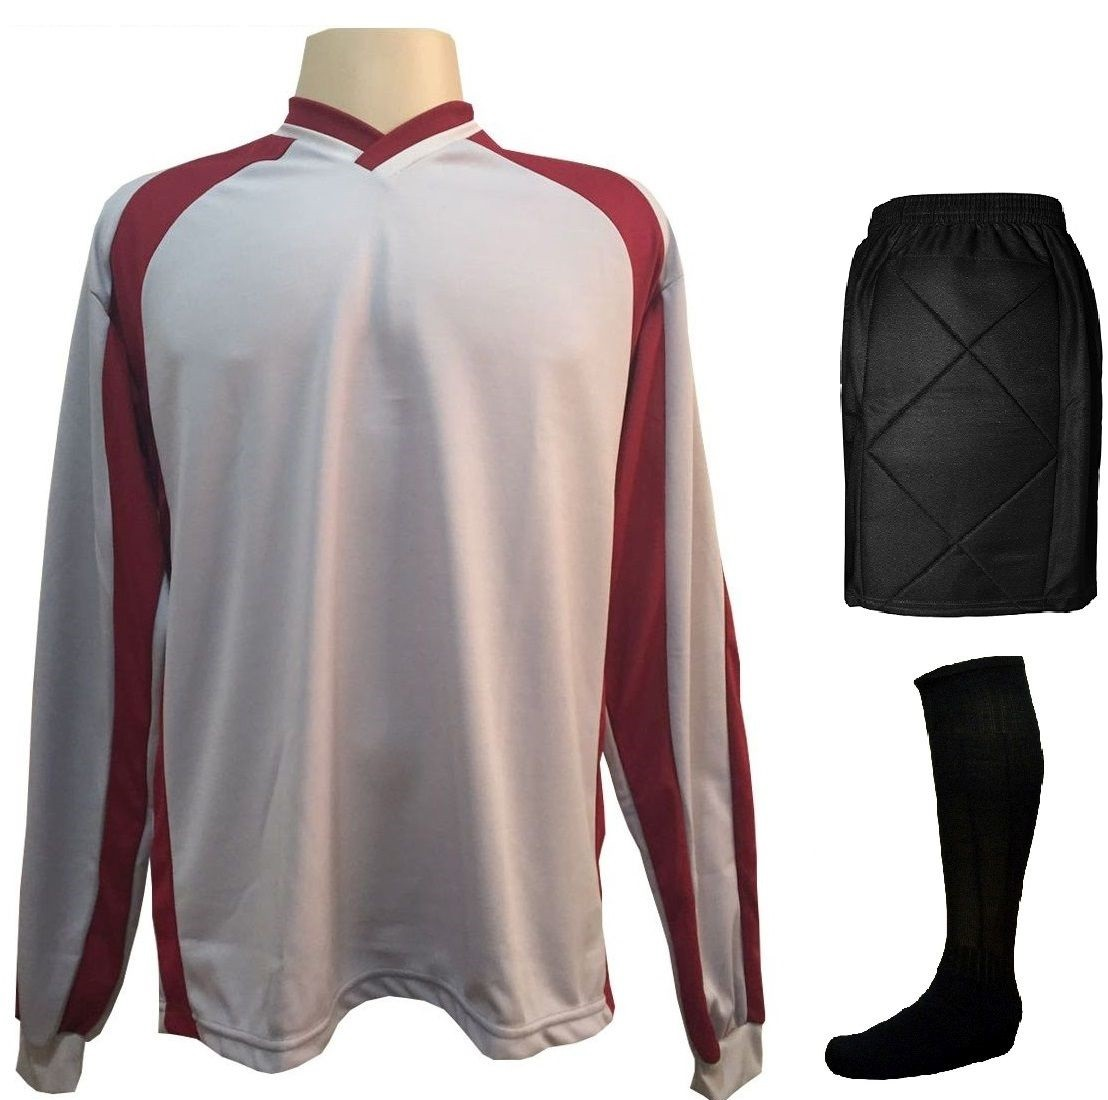 Fardamento Completo modelo Roma 18+1 (18 Camisas Pink/Preto + 18 Calções Madrid Preto + 18 Pares de Meiões Pretos + 1 Conjunto de Goleiro) + Brindes